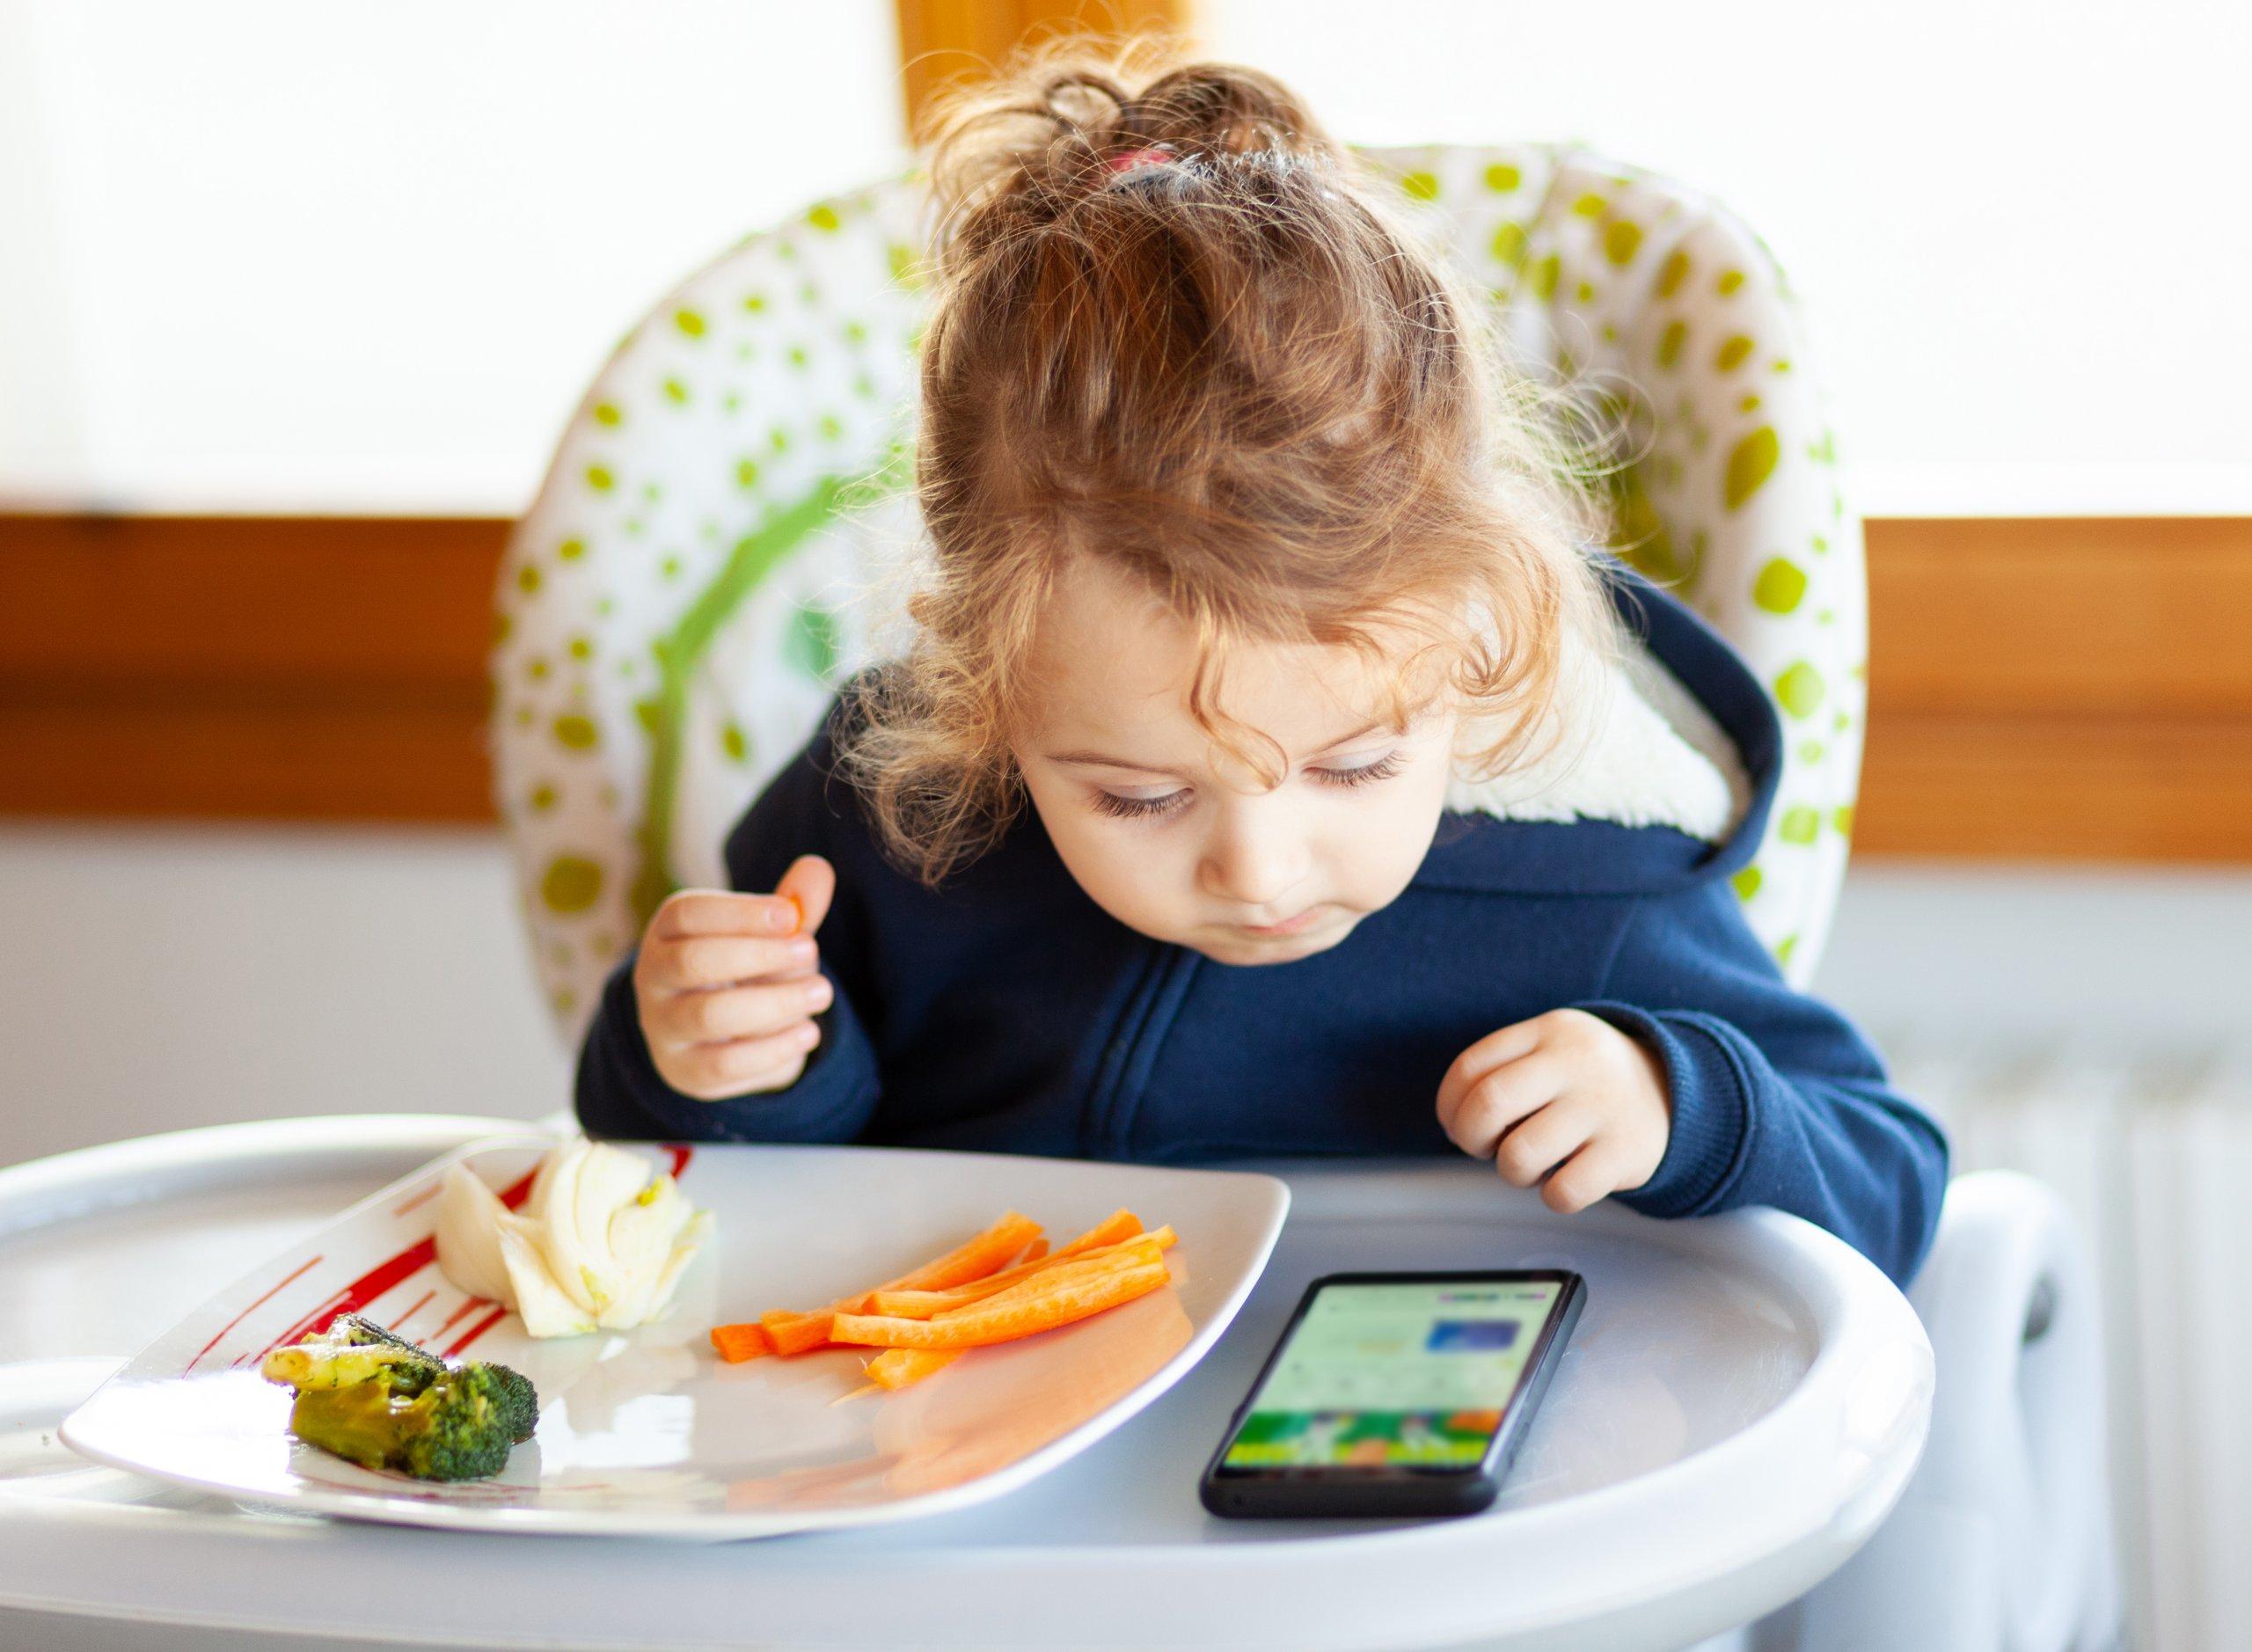 Niña comiendo con el móvil